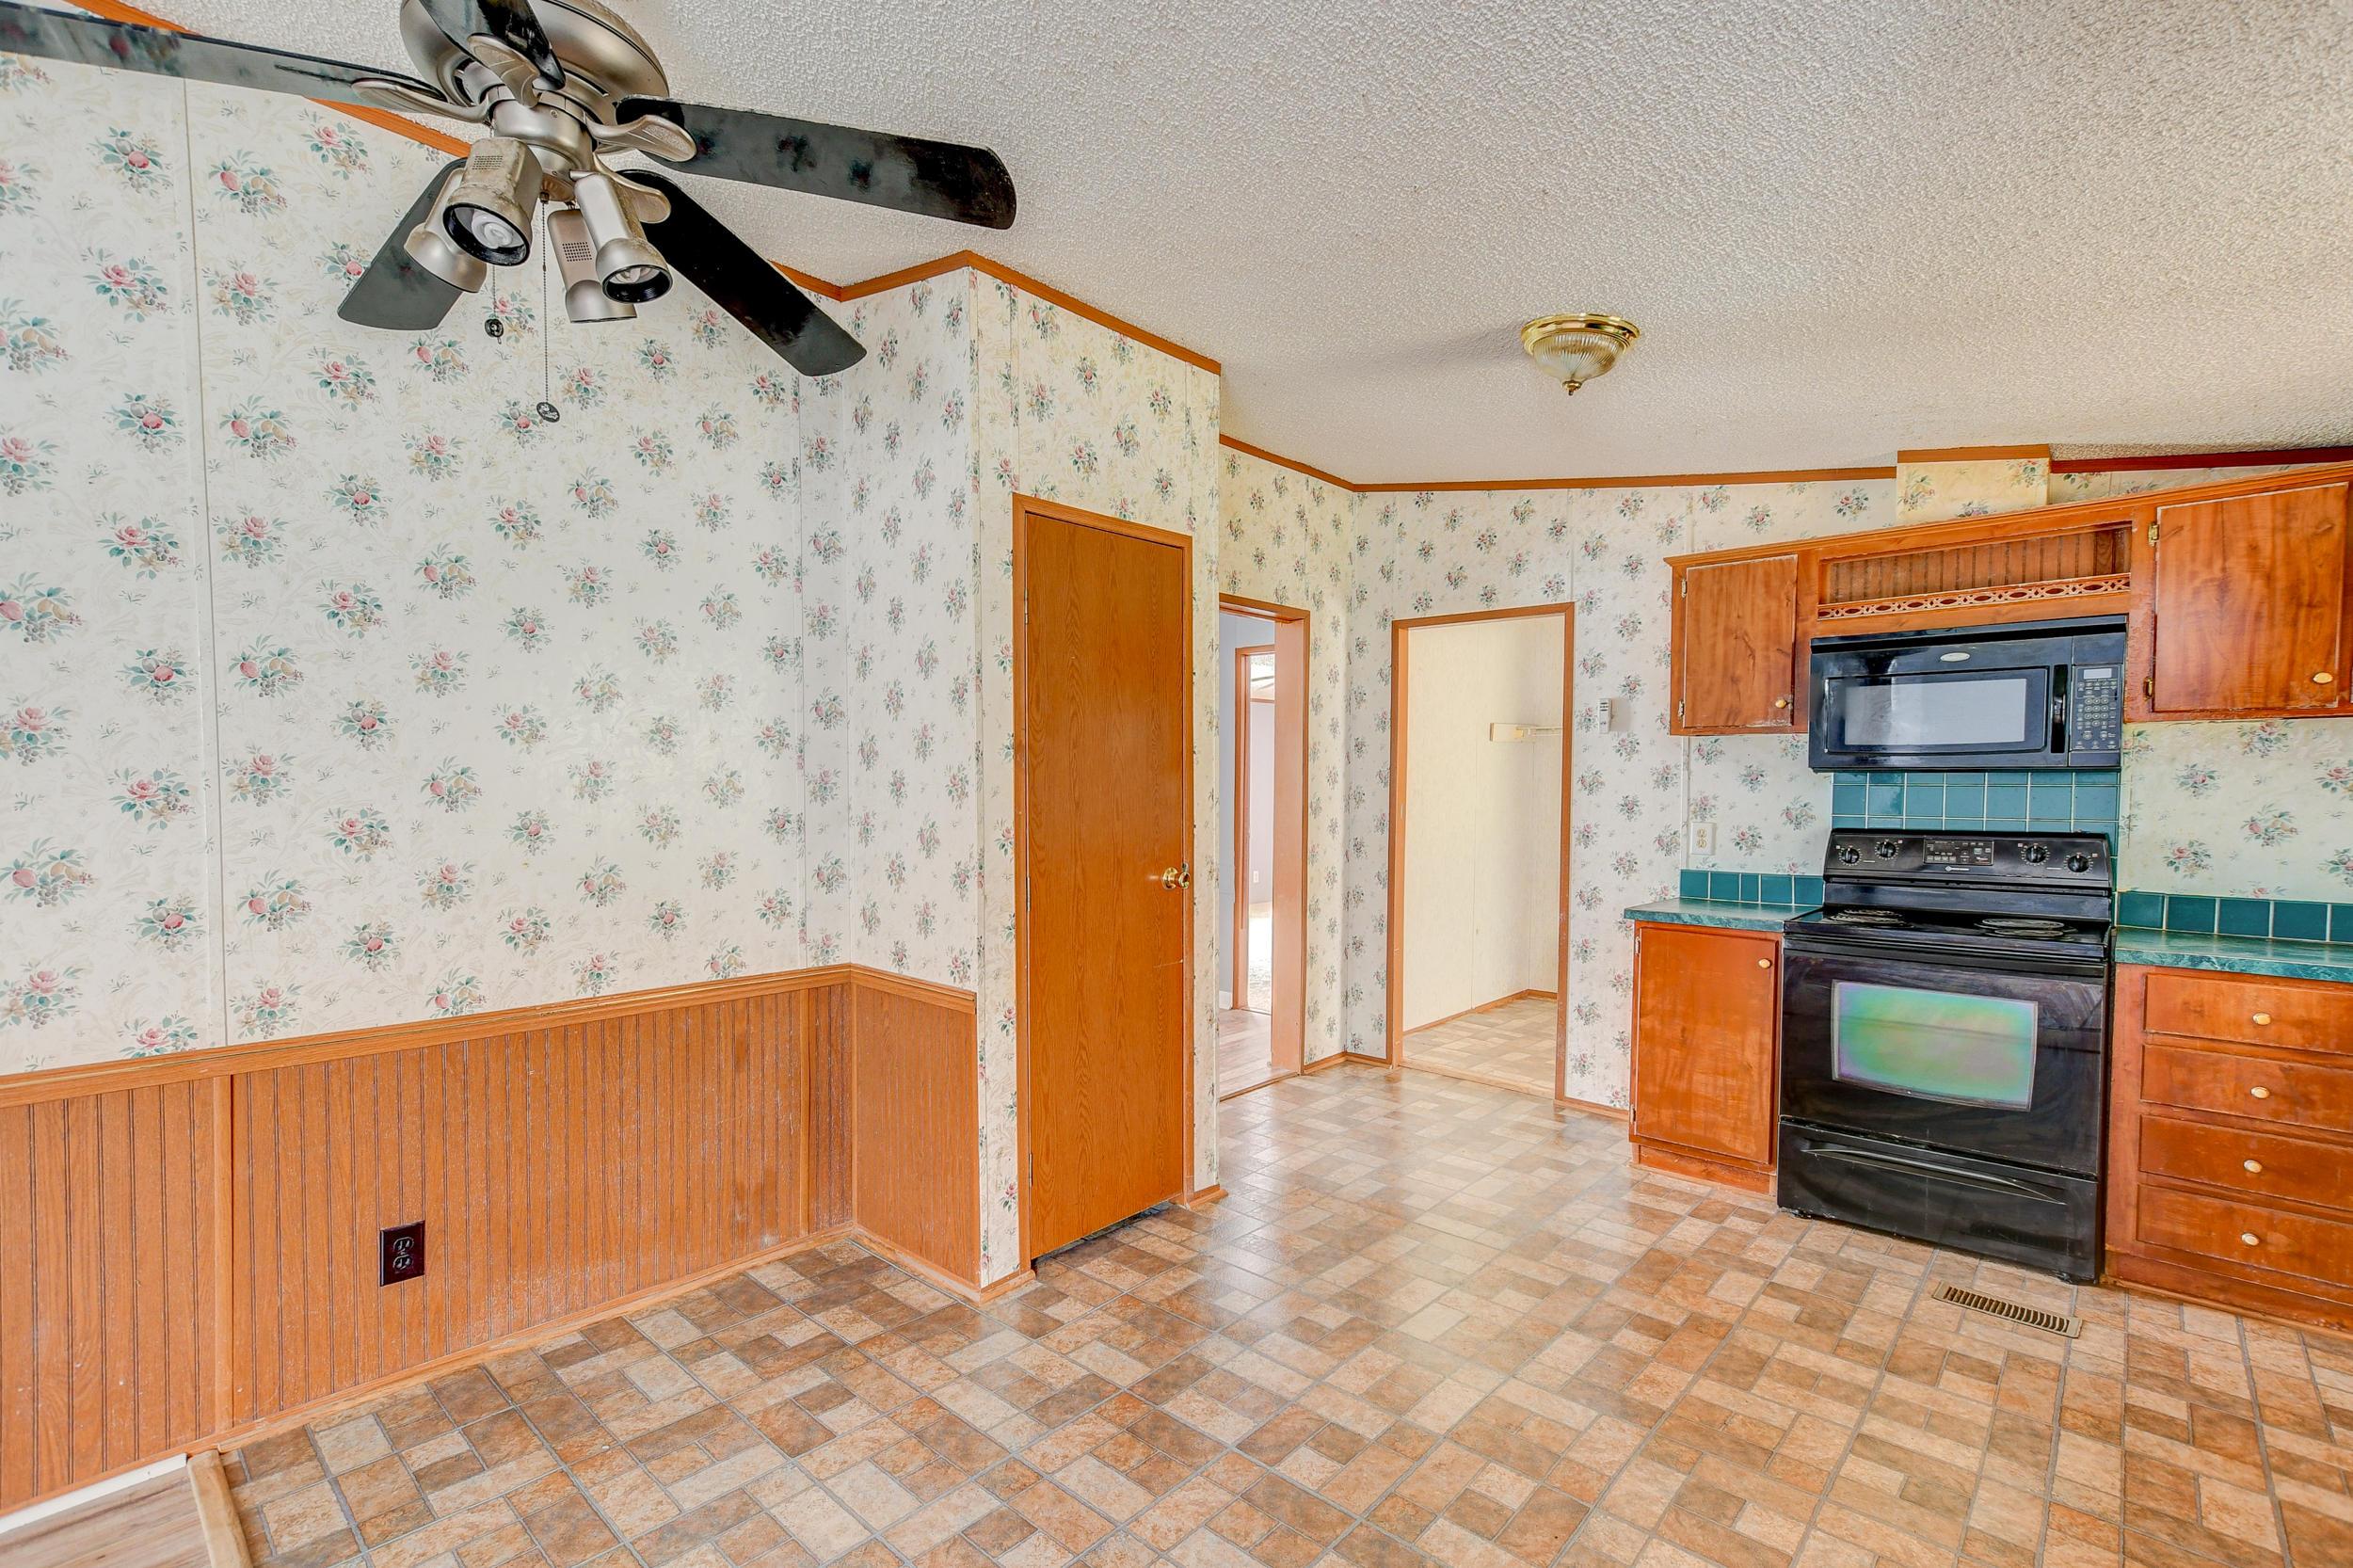 Clemson Terrace Homes For Sale - 123 Colkitt, Summerville, SC - 0